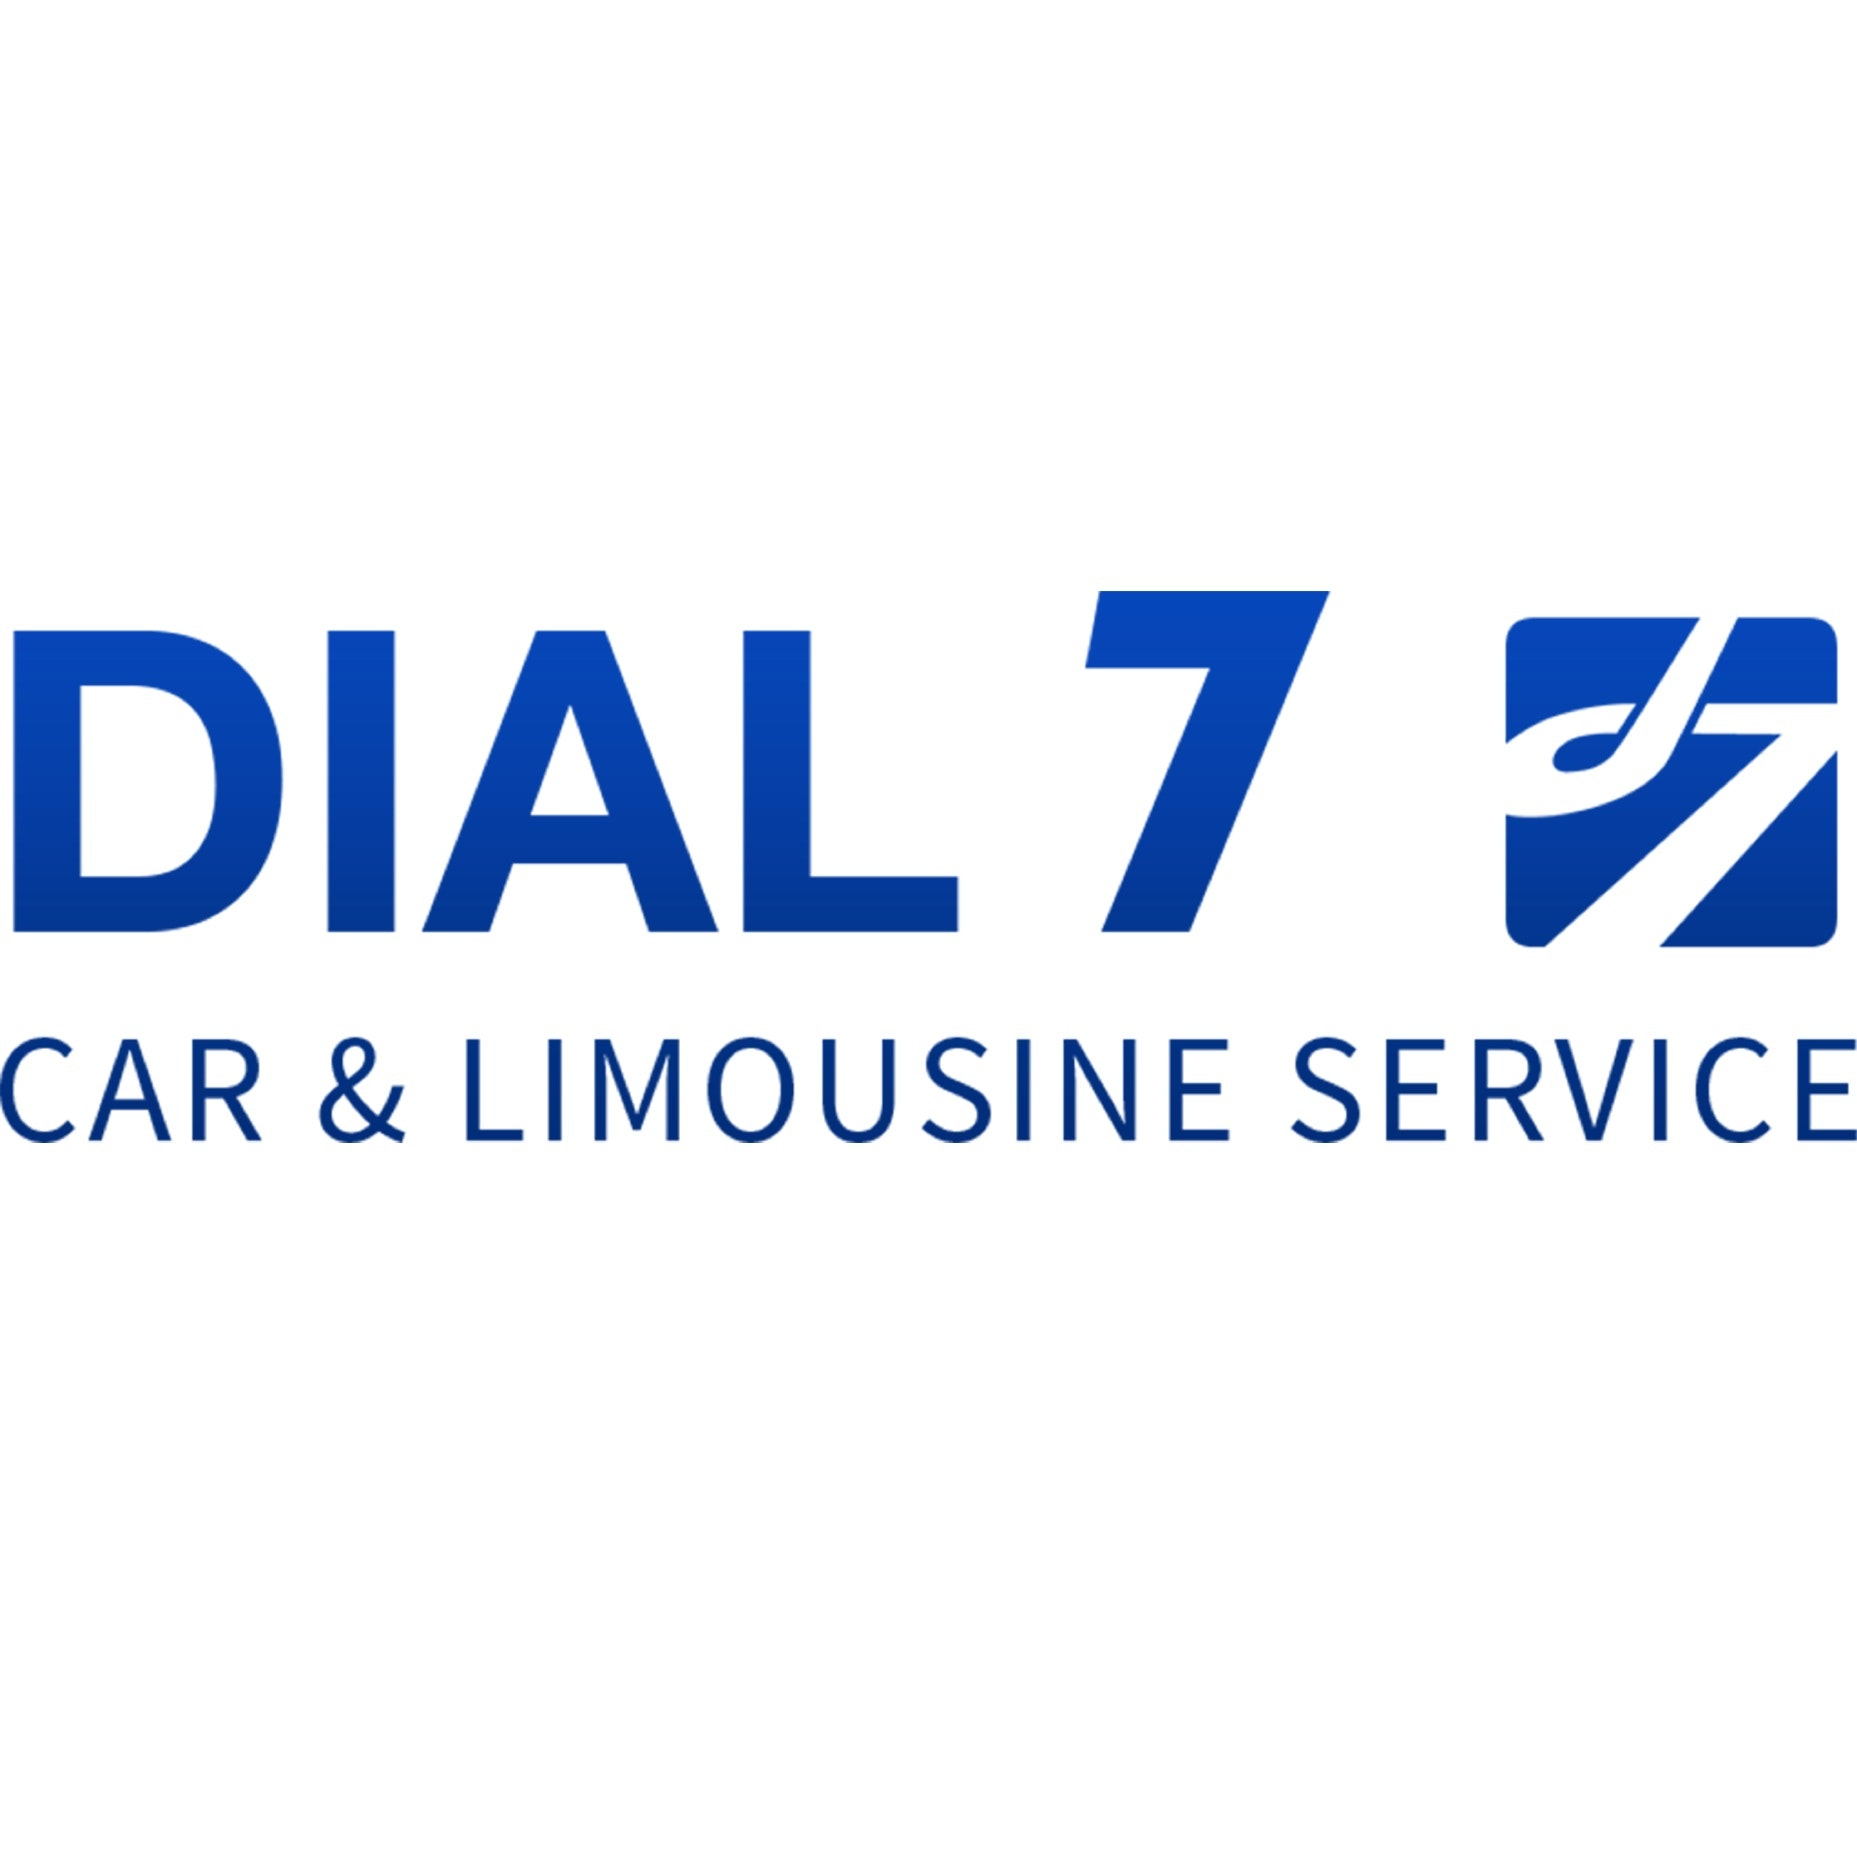 Dial 7 Car & Limousine Service logo